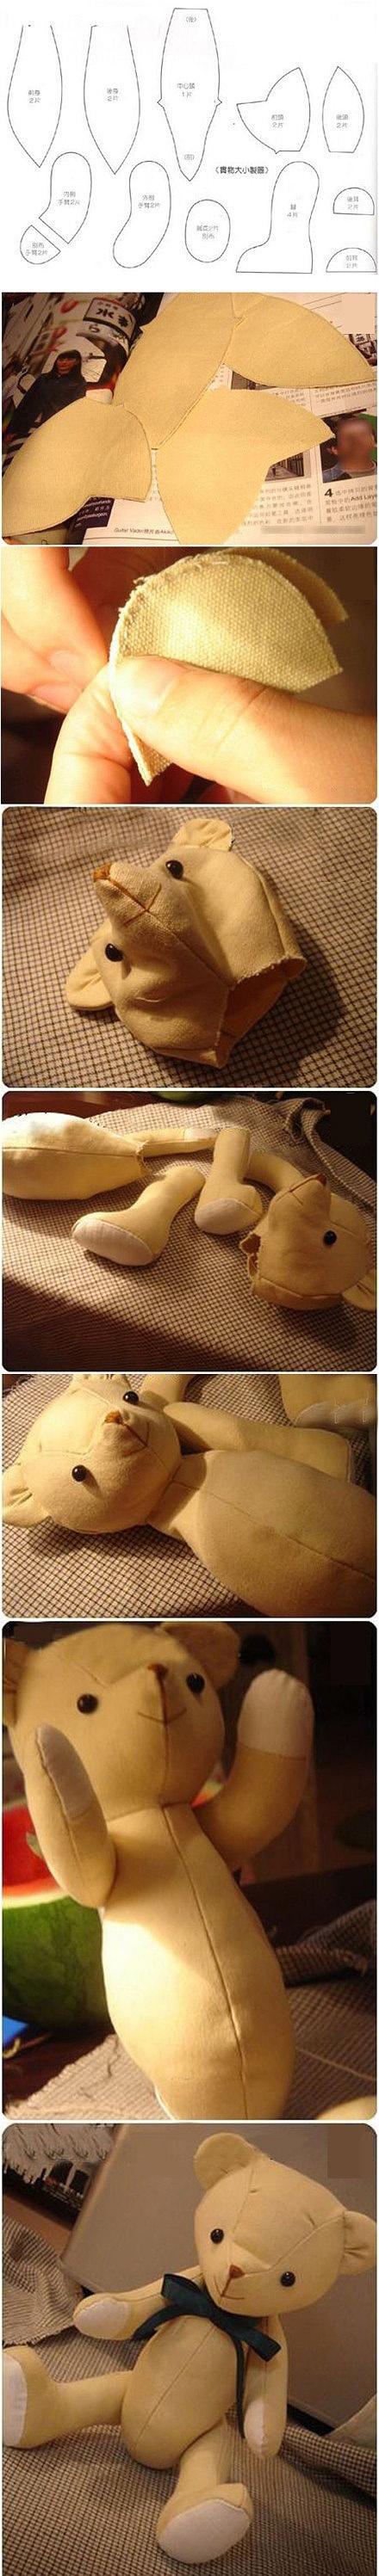 homemade teddy